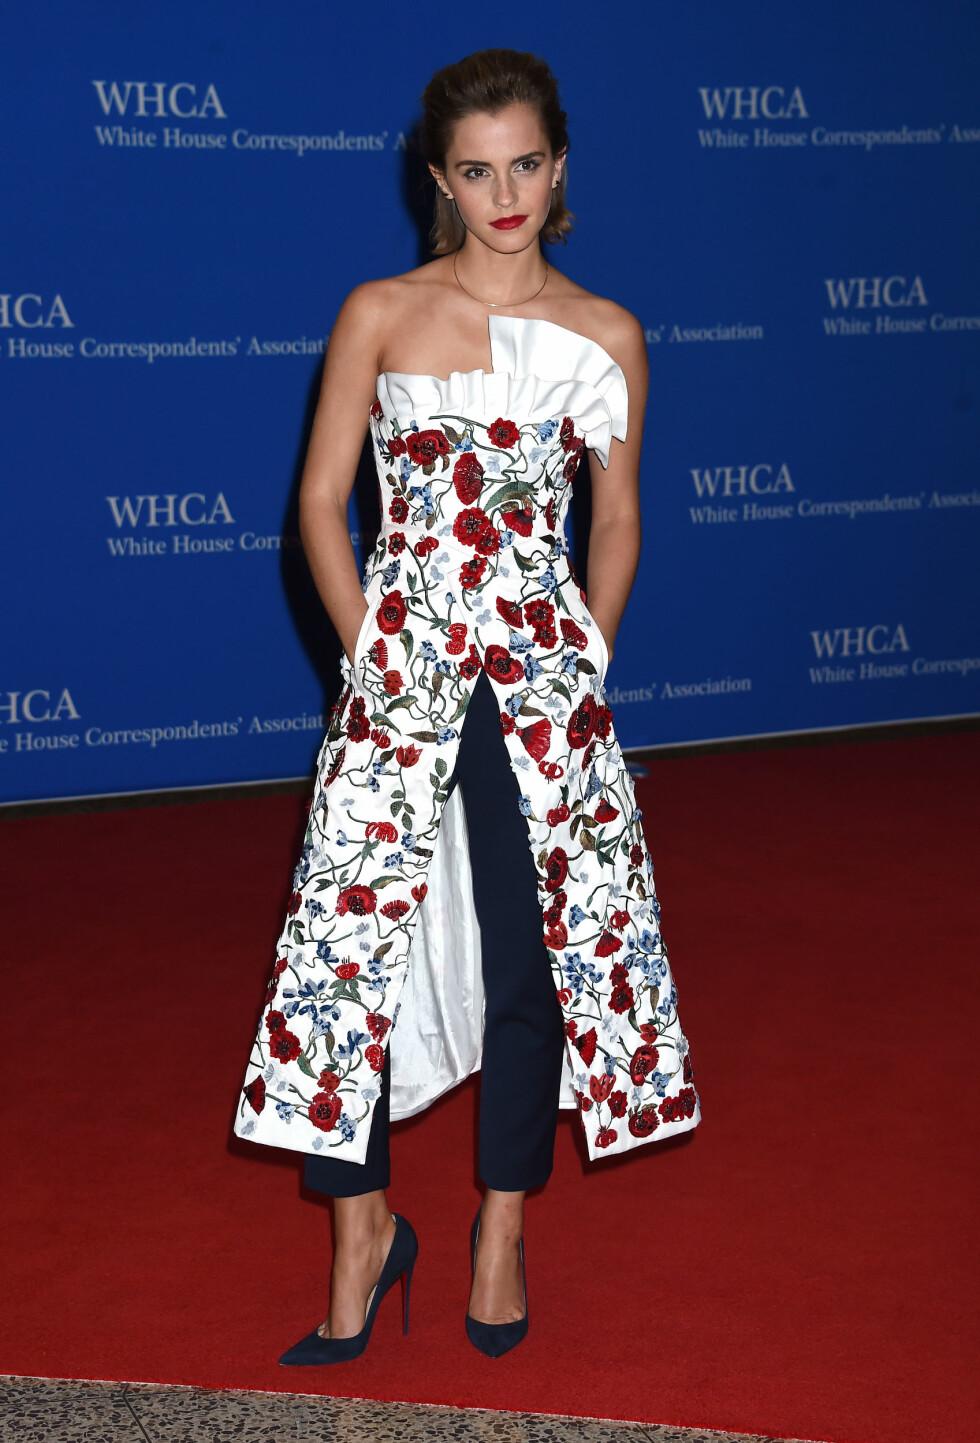 DET HVITE HUS: Emma Watson gjentok favorittkombinasjonen kjole over bukse på den røde løperen. Foto: Pa Photos